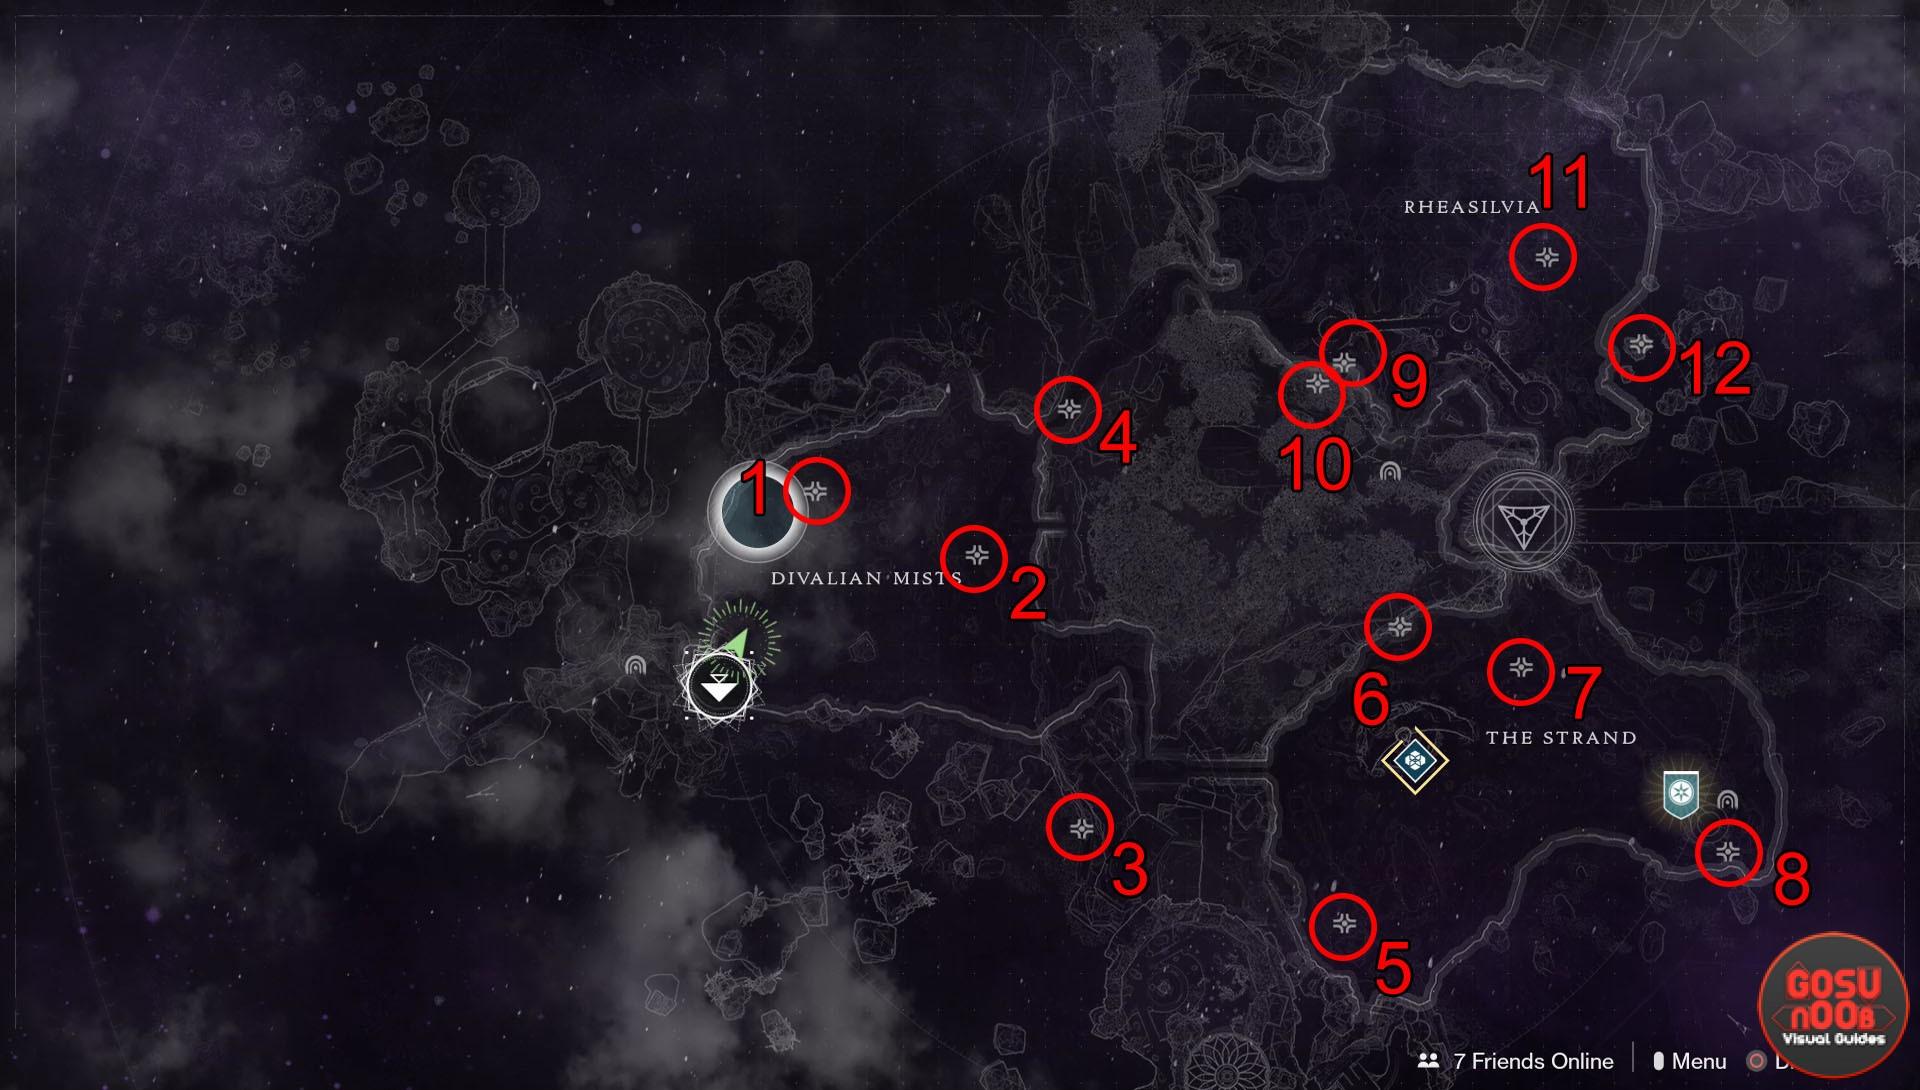 Destiny 2 Dreaming City Region Chest Locations - Forsaken